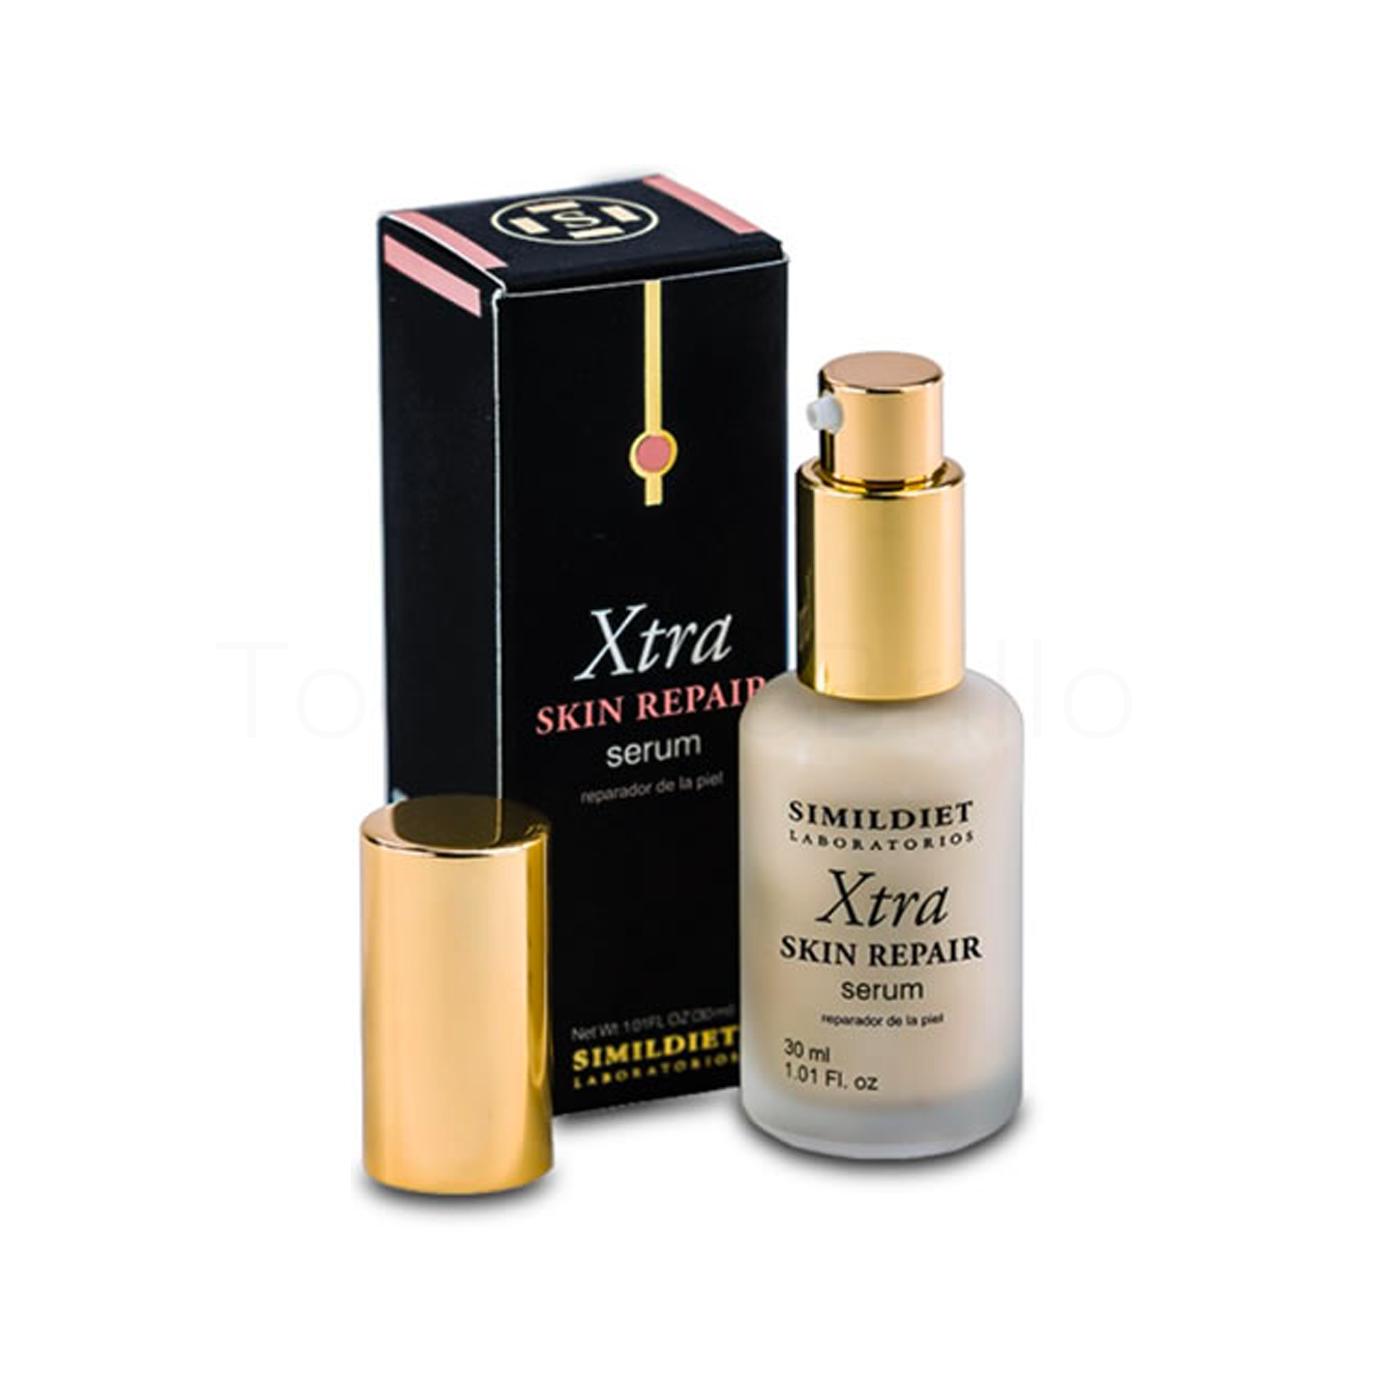 Xtra-Skin-Repair-Serum